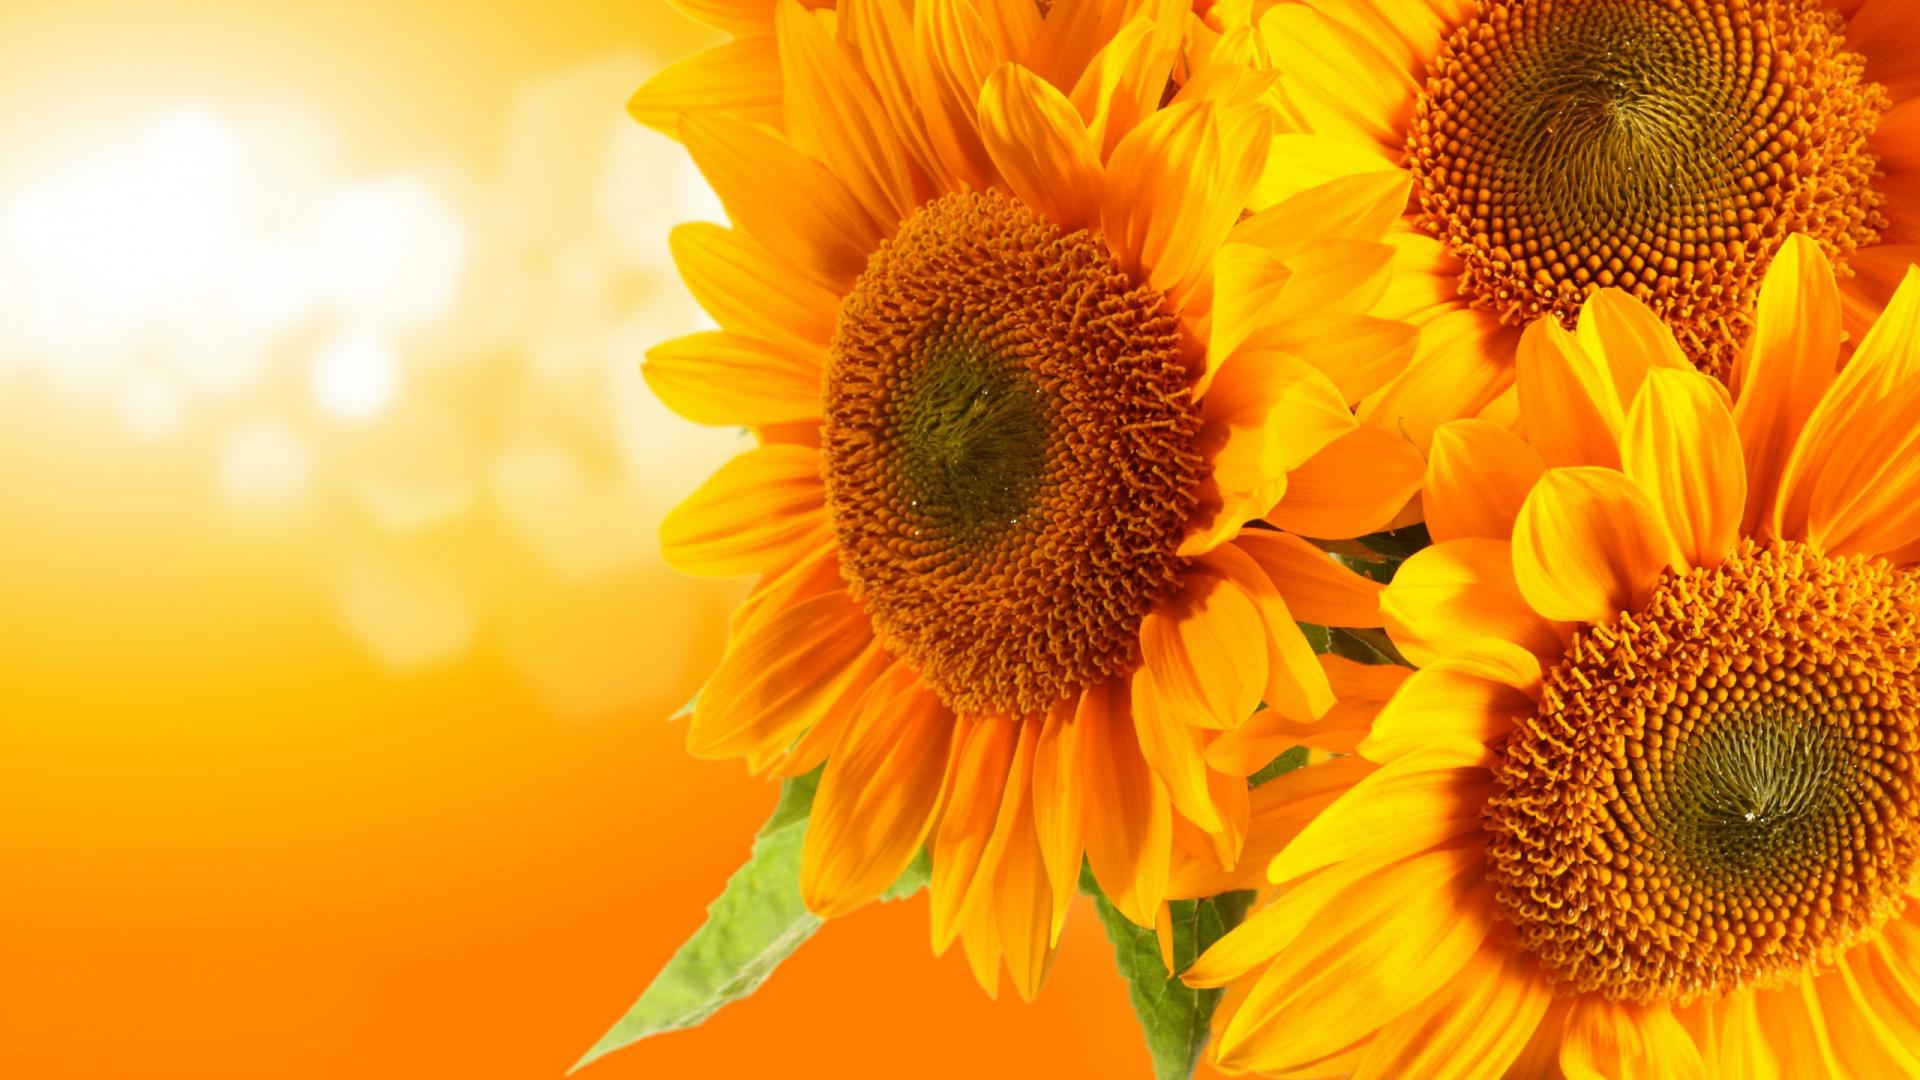 2560x1600px Sunflower Desktop Wallpaper Free